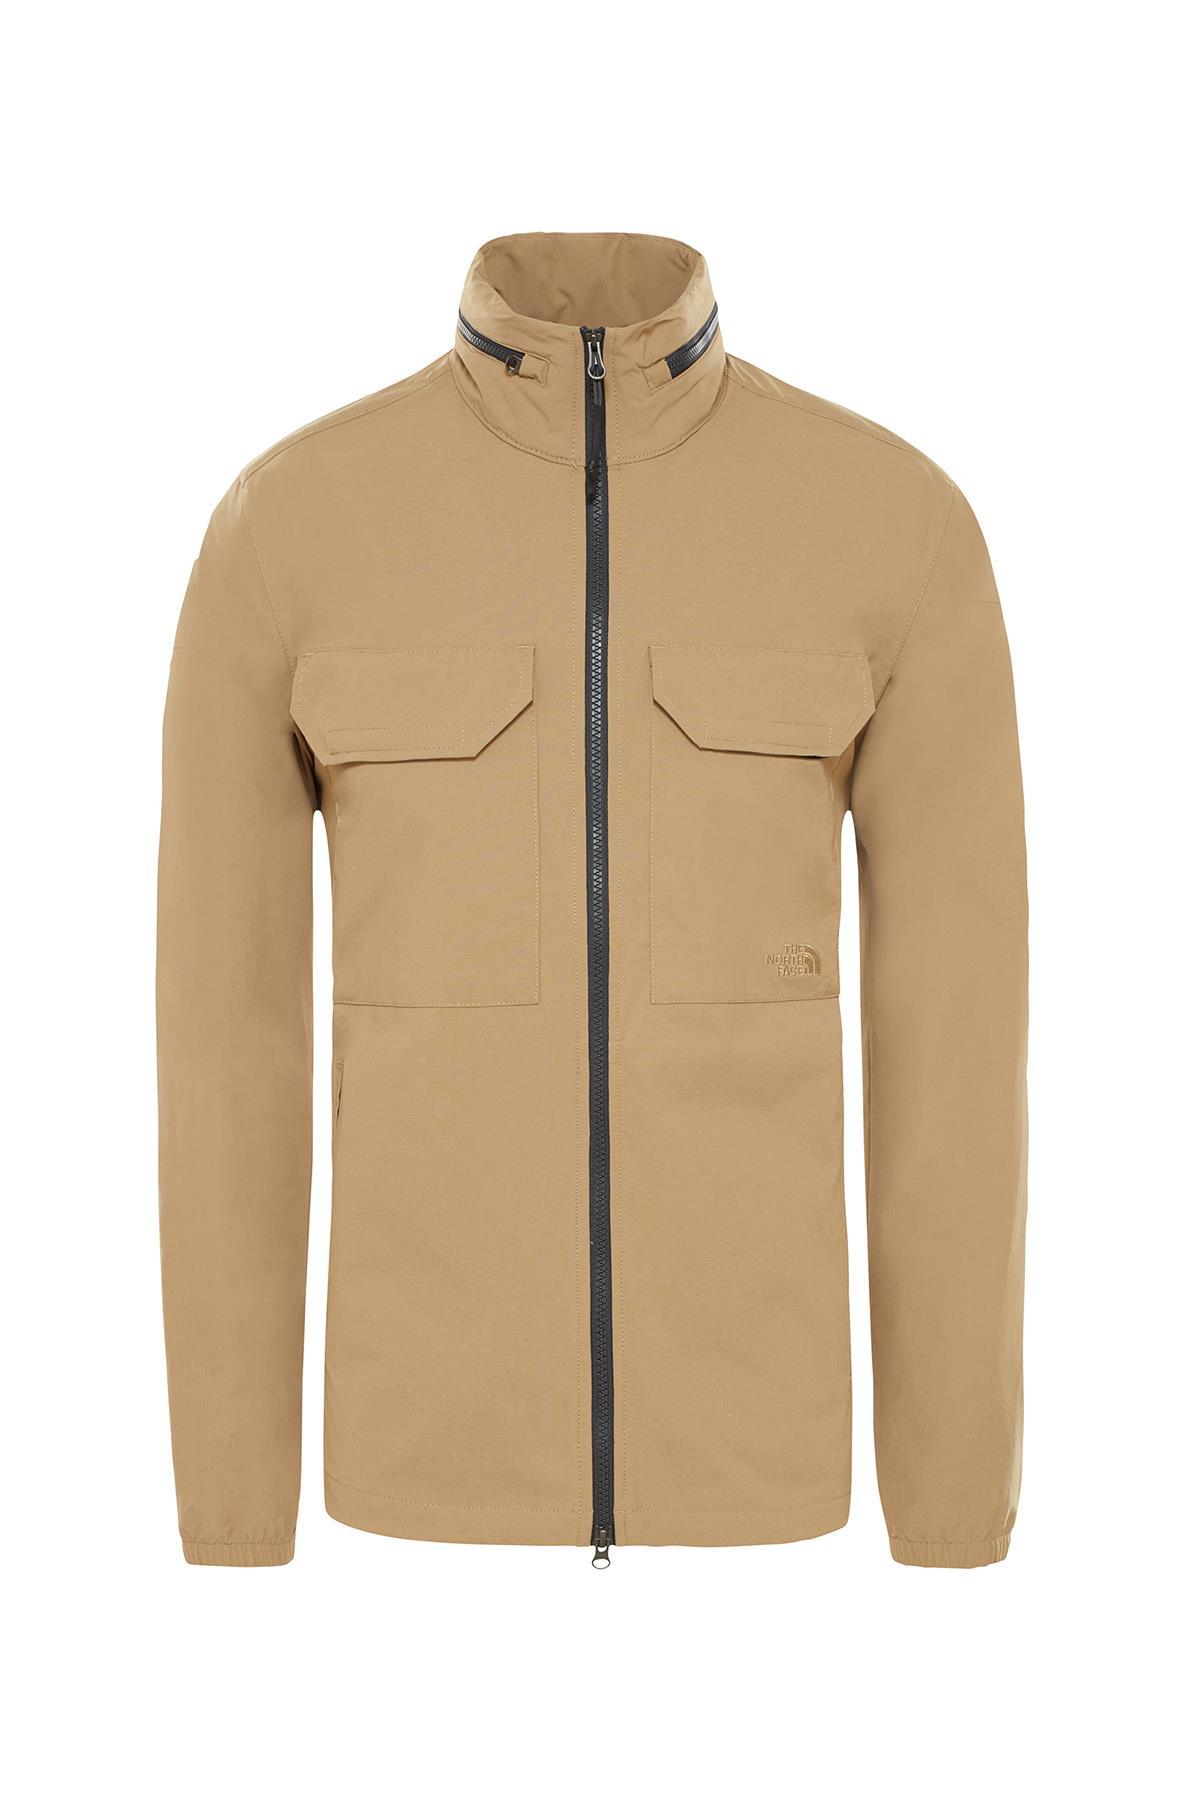 The Northface Erkek Temescal Travel Jacket T93T25Plx Ceket